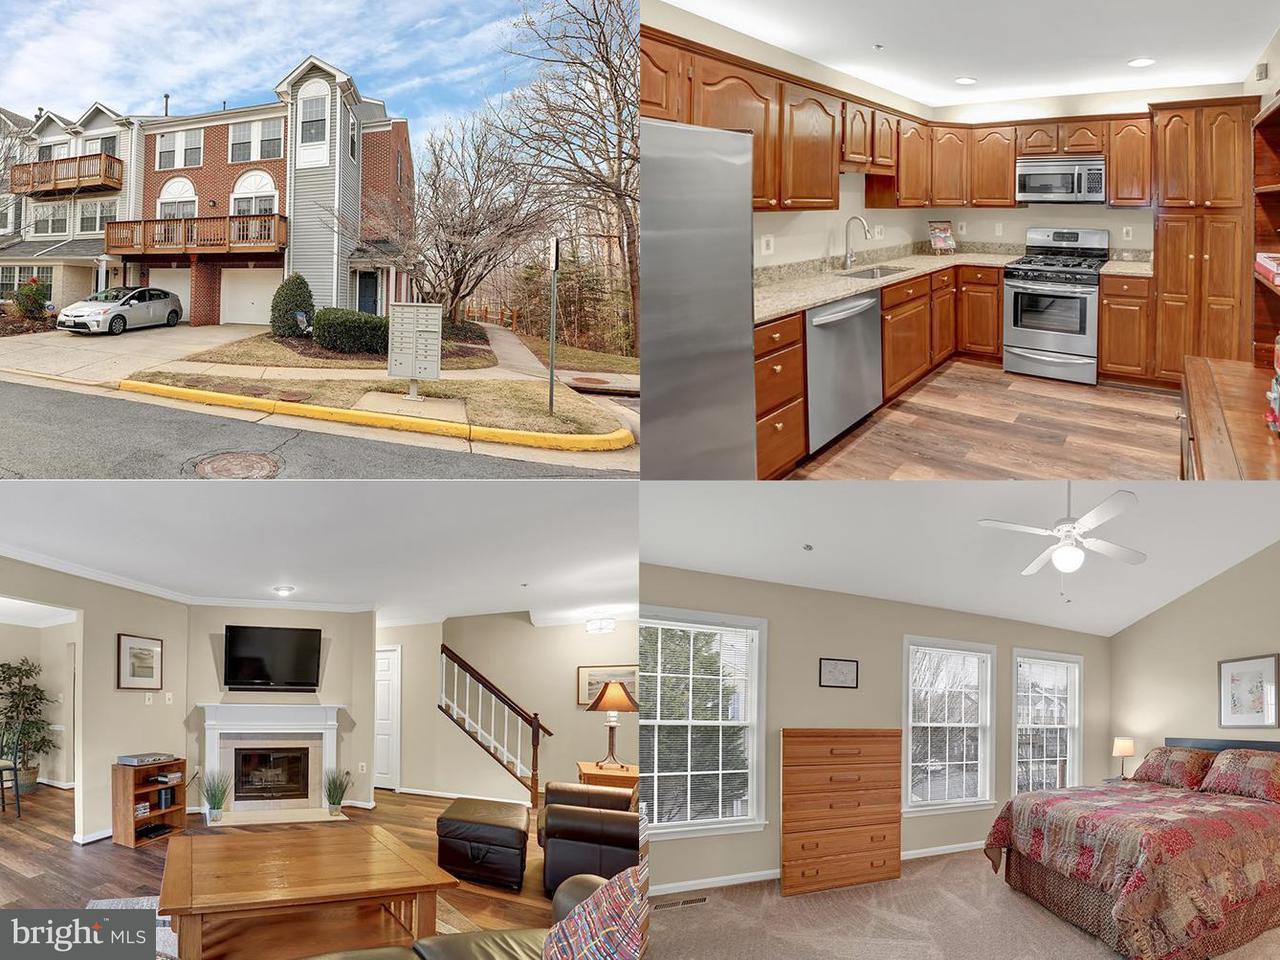 Townhouse for Sale at 11788 Rockaway Ln #40 11788 Rockaway Ln #40 Fairfax, Virginia 22030 United States